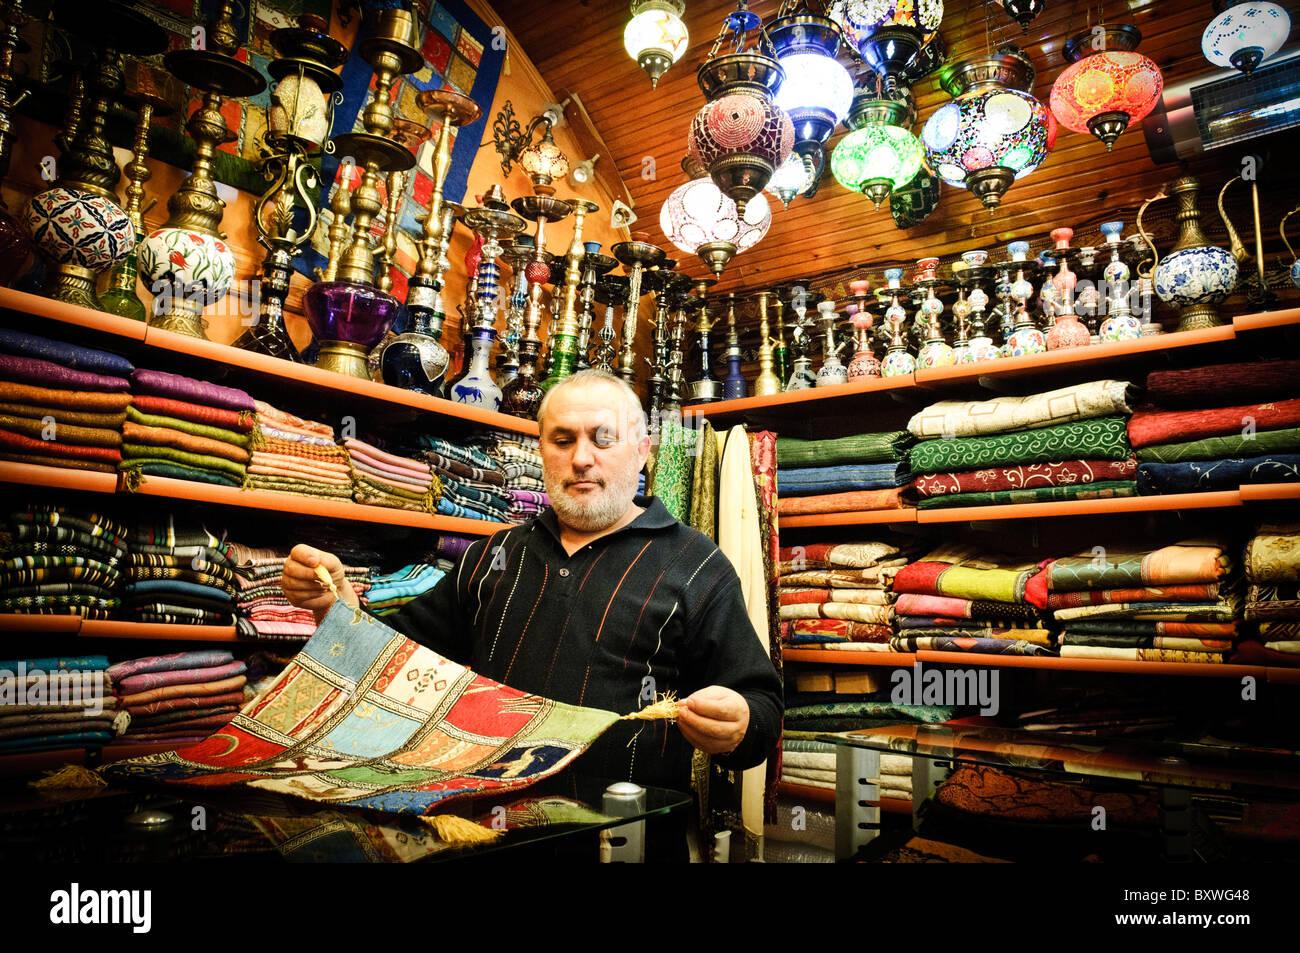 162c991f2c5b Le vendeur présente certains de ses foulards en soie dans son magasin à  l Arastar